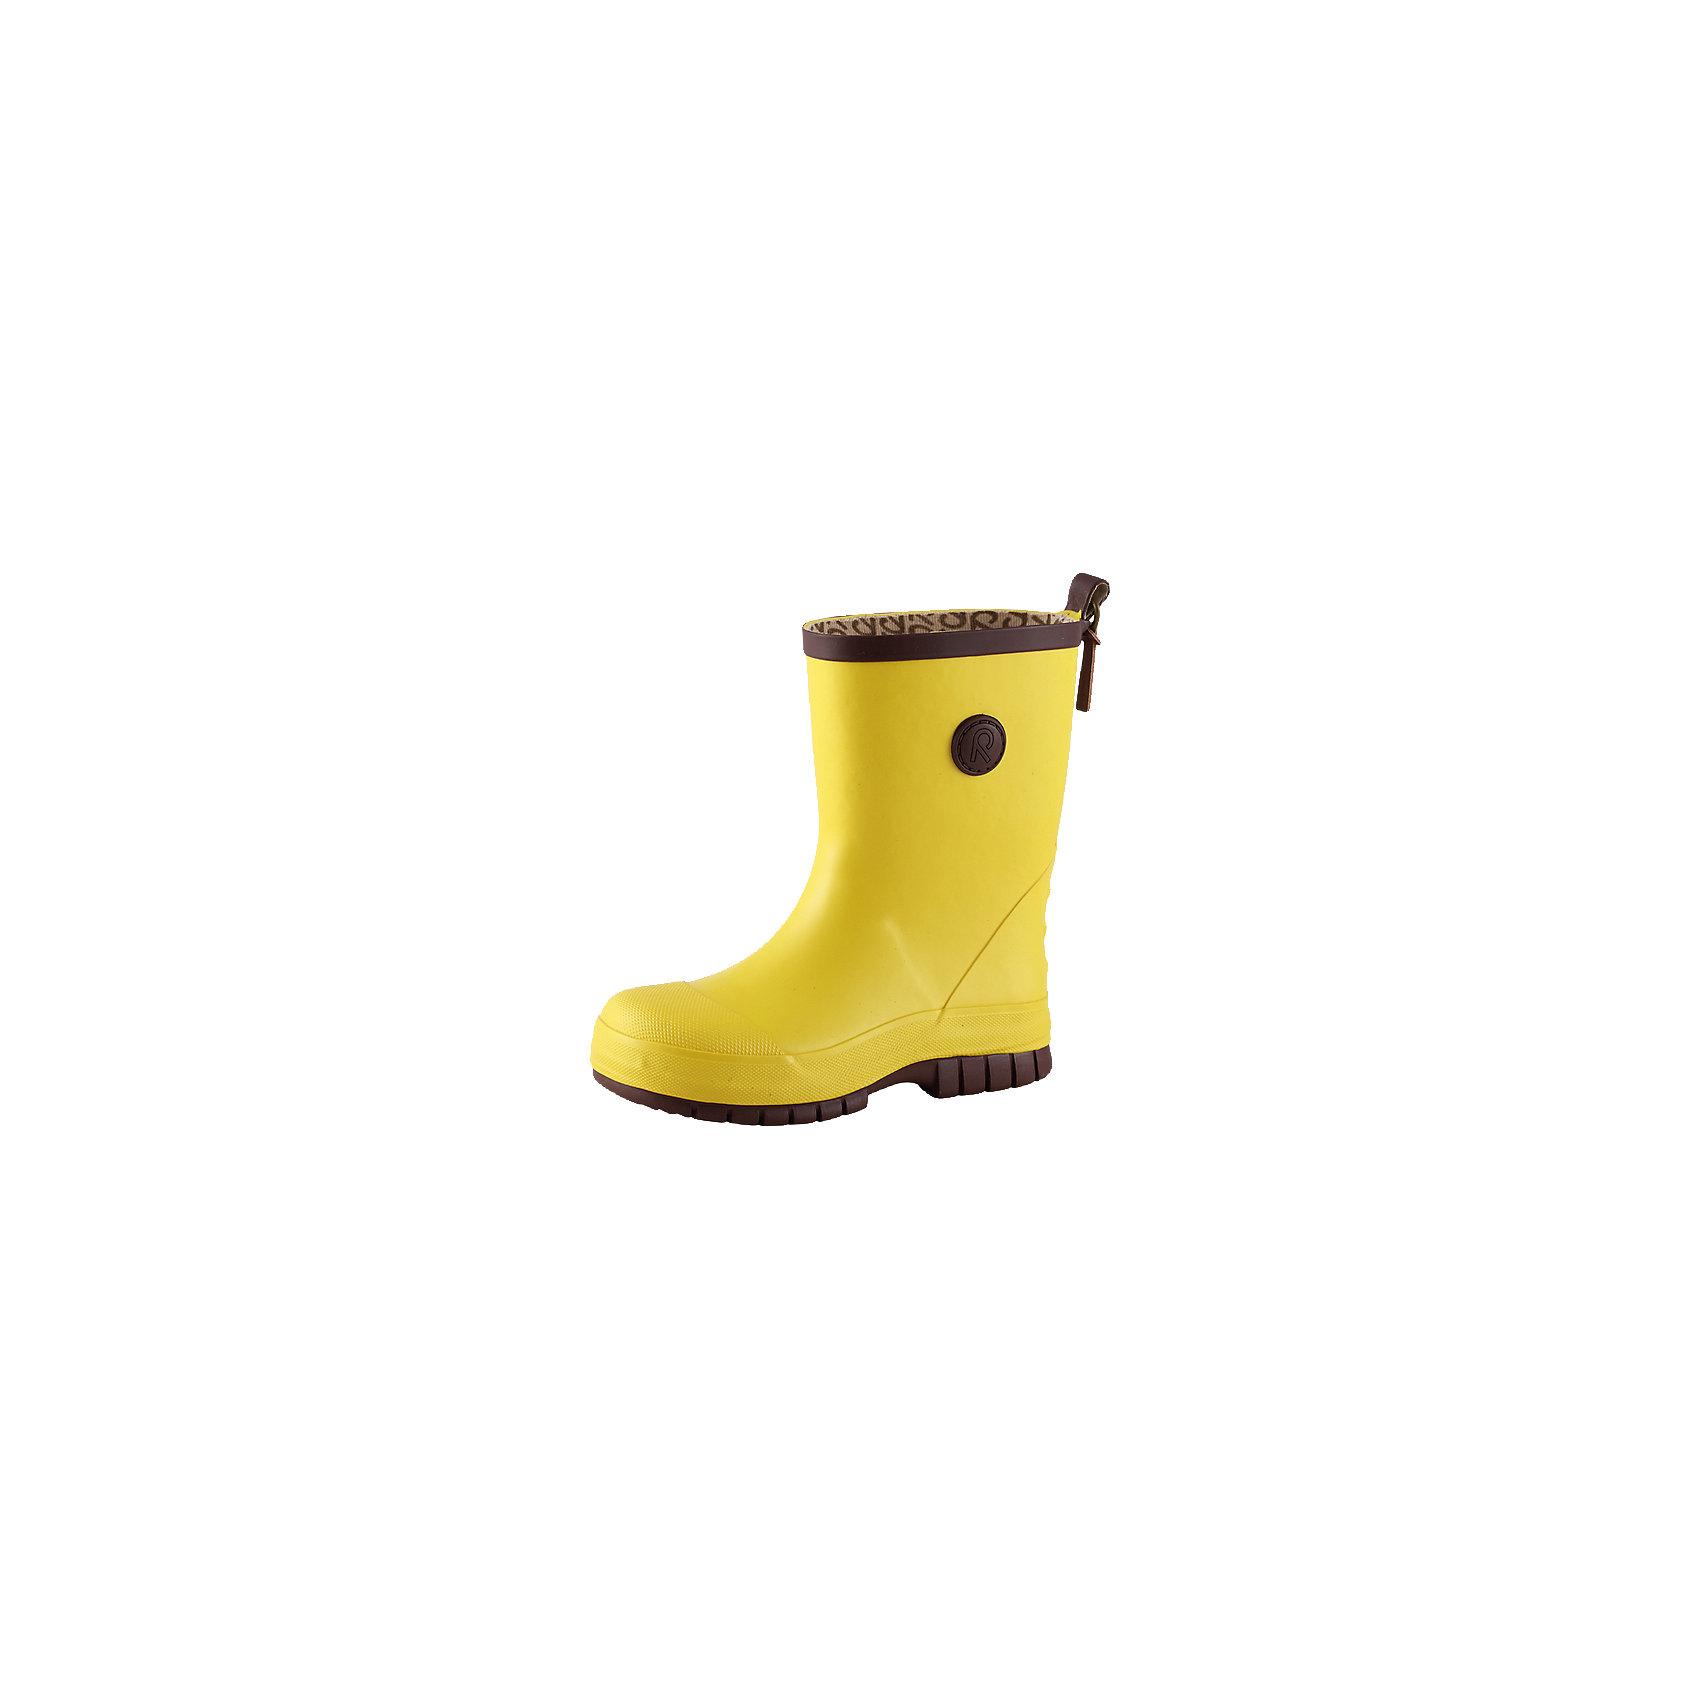 Резиновые сапоги для девочки ReimaРезиновые сапоги для девочки от финской марки Reima.<br><br>-Резиновые ботинки в стиле Reima® ORIGINAL для детей с хлопчатобумажной подкладкой<br>- Съемная стелька с принтом Happy fit поможет подобрать точный размер<br>-Светоотражающая деталь на заднике<br><br>Состав:Подошва: резина, Верх: резина<br><br>Ширина мм: 237<br>Глубина мм: 180<br>Высота мм: 152<br>Вес г: 438<br>Цвет: желтый<br>Возраст от месяцев: 108<br>Возраст до месяцев: 120<br>Пол: Женский<br>Возраст: Детский<br>Размер: 33,30,31,34,35,32,27,29,36,25,38,26,28,37<br>SKU: 3998925